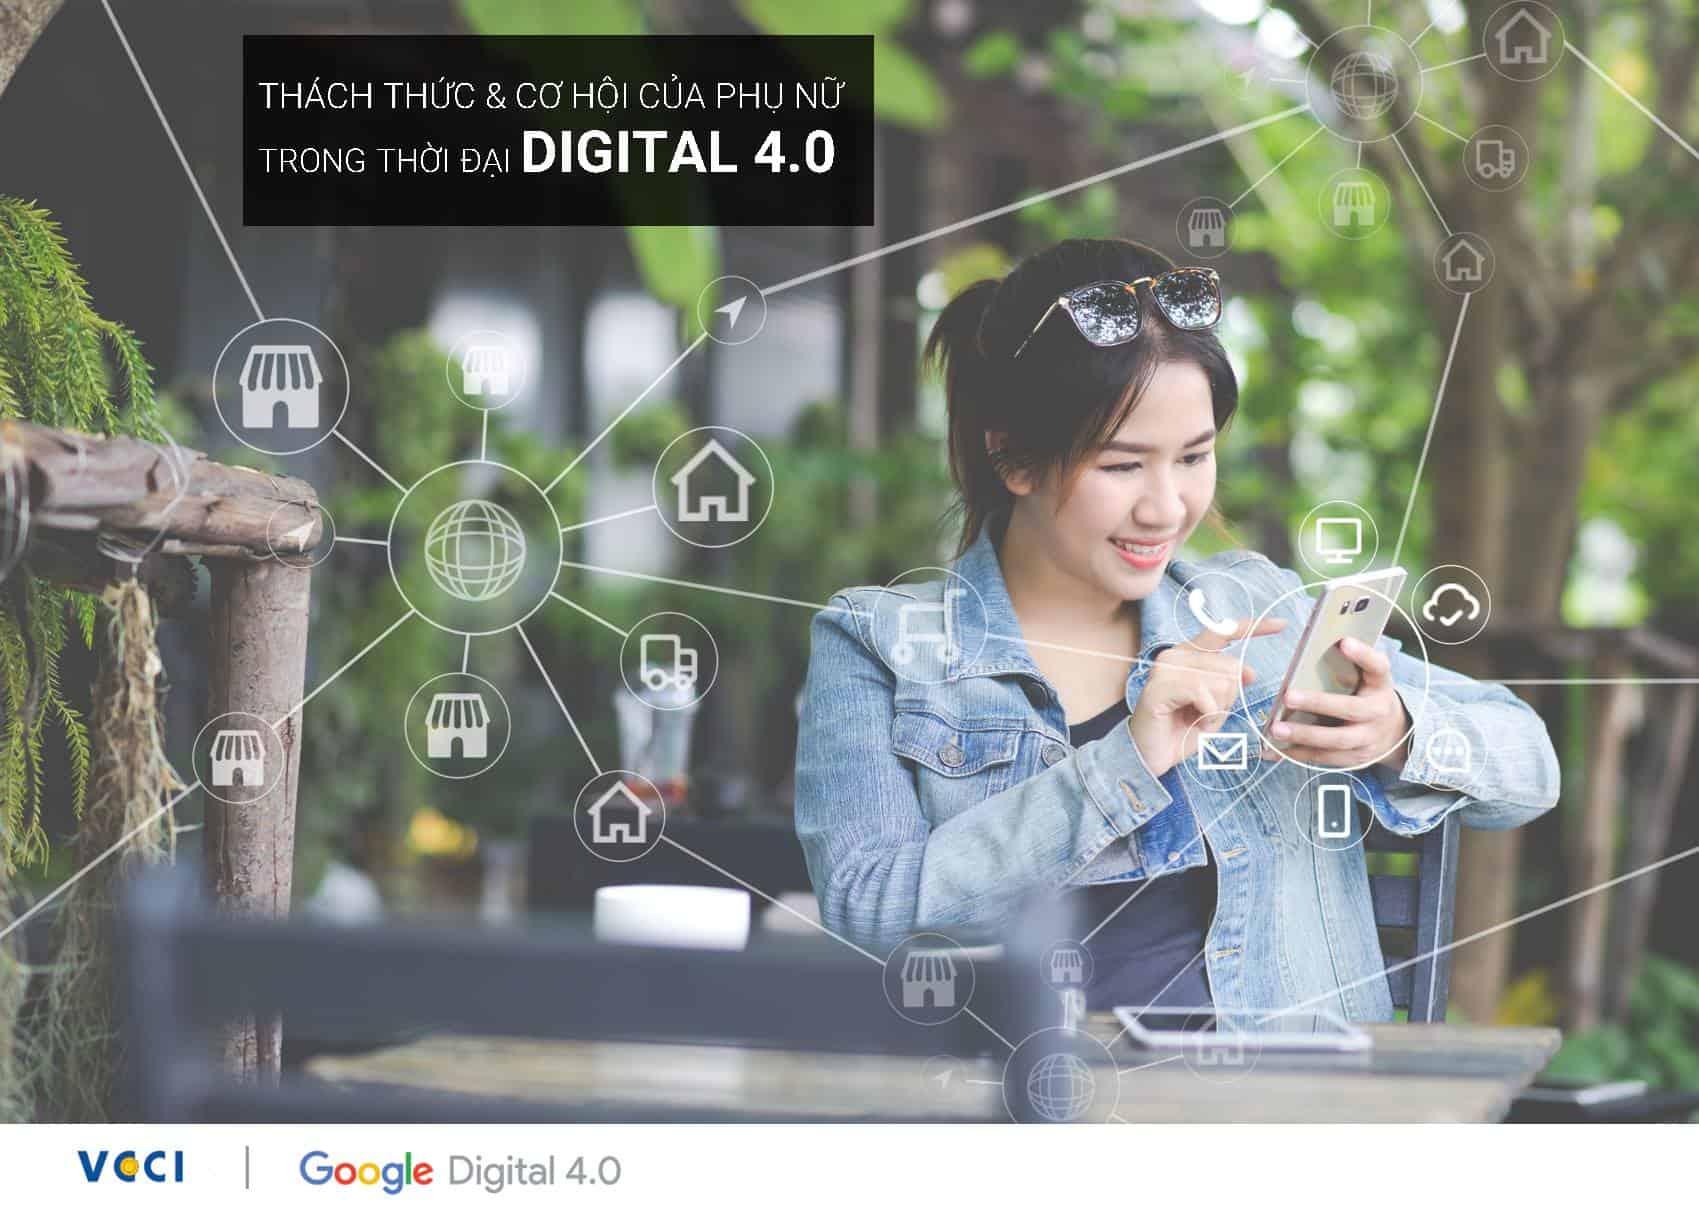 19 - Giới thiệu khóa học Digital 4.0 do Google và VCCI tổ chức tại Việt Nam